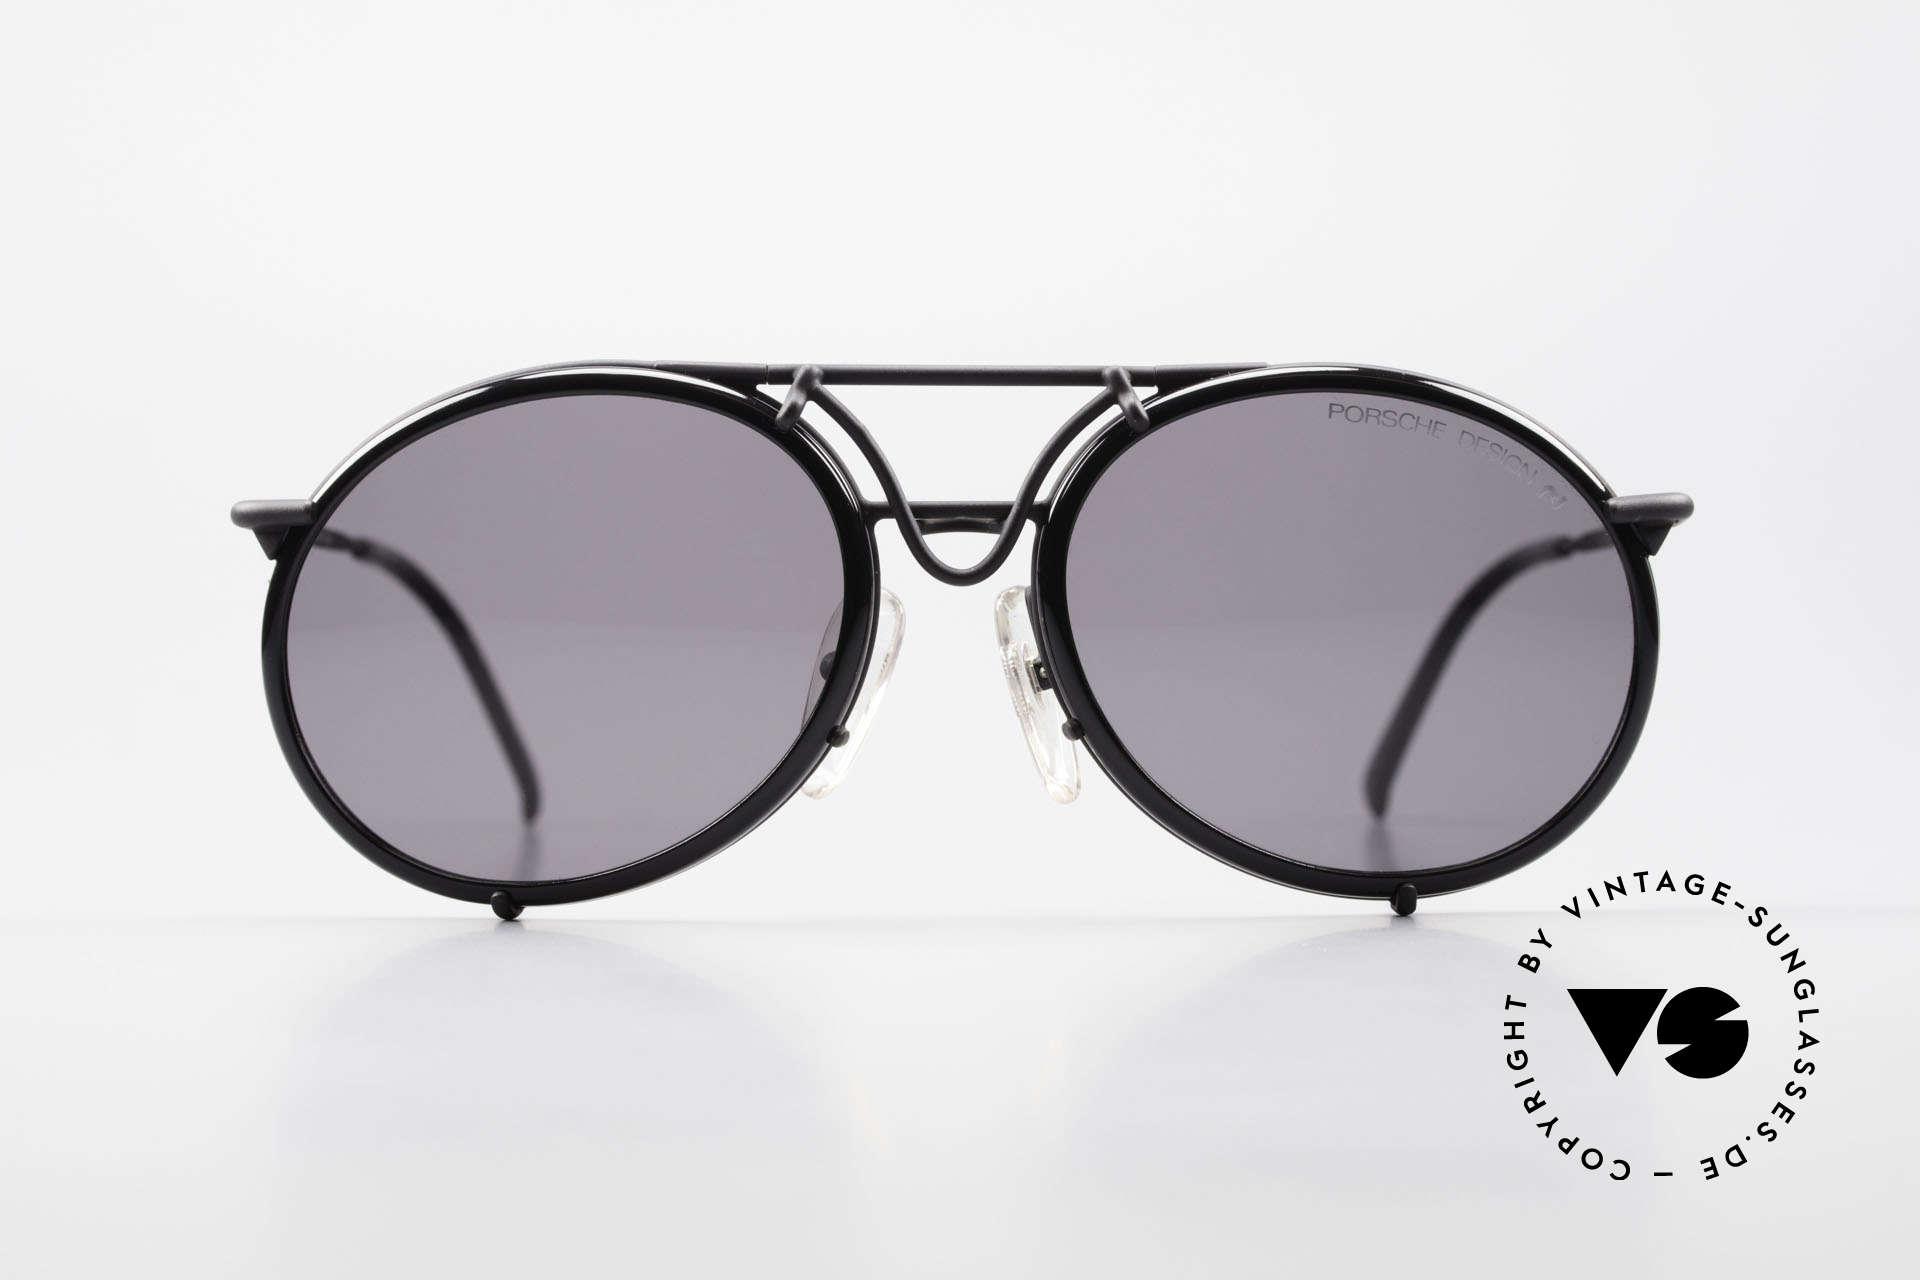 Porsche 5661 Echte 90er Sonnenbrille Rund, sportlich-klassische Sonnenbrille von Porsche Design, Passend für Herren und Damen